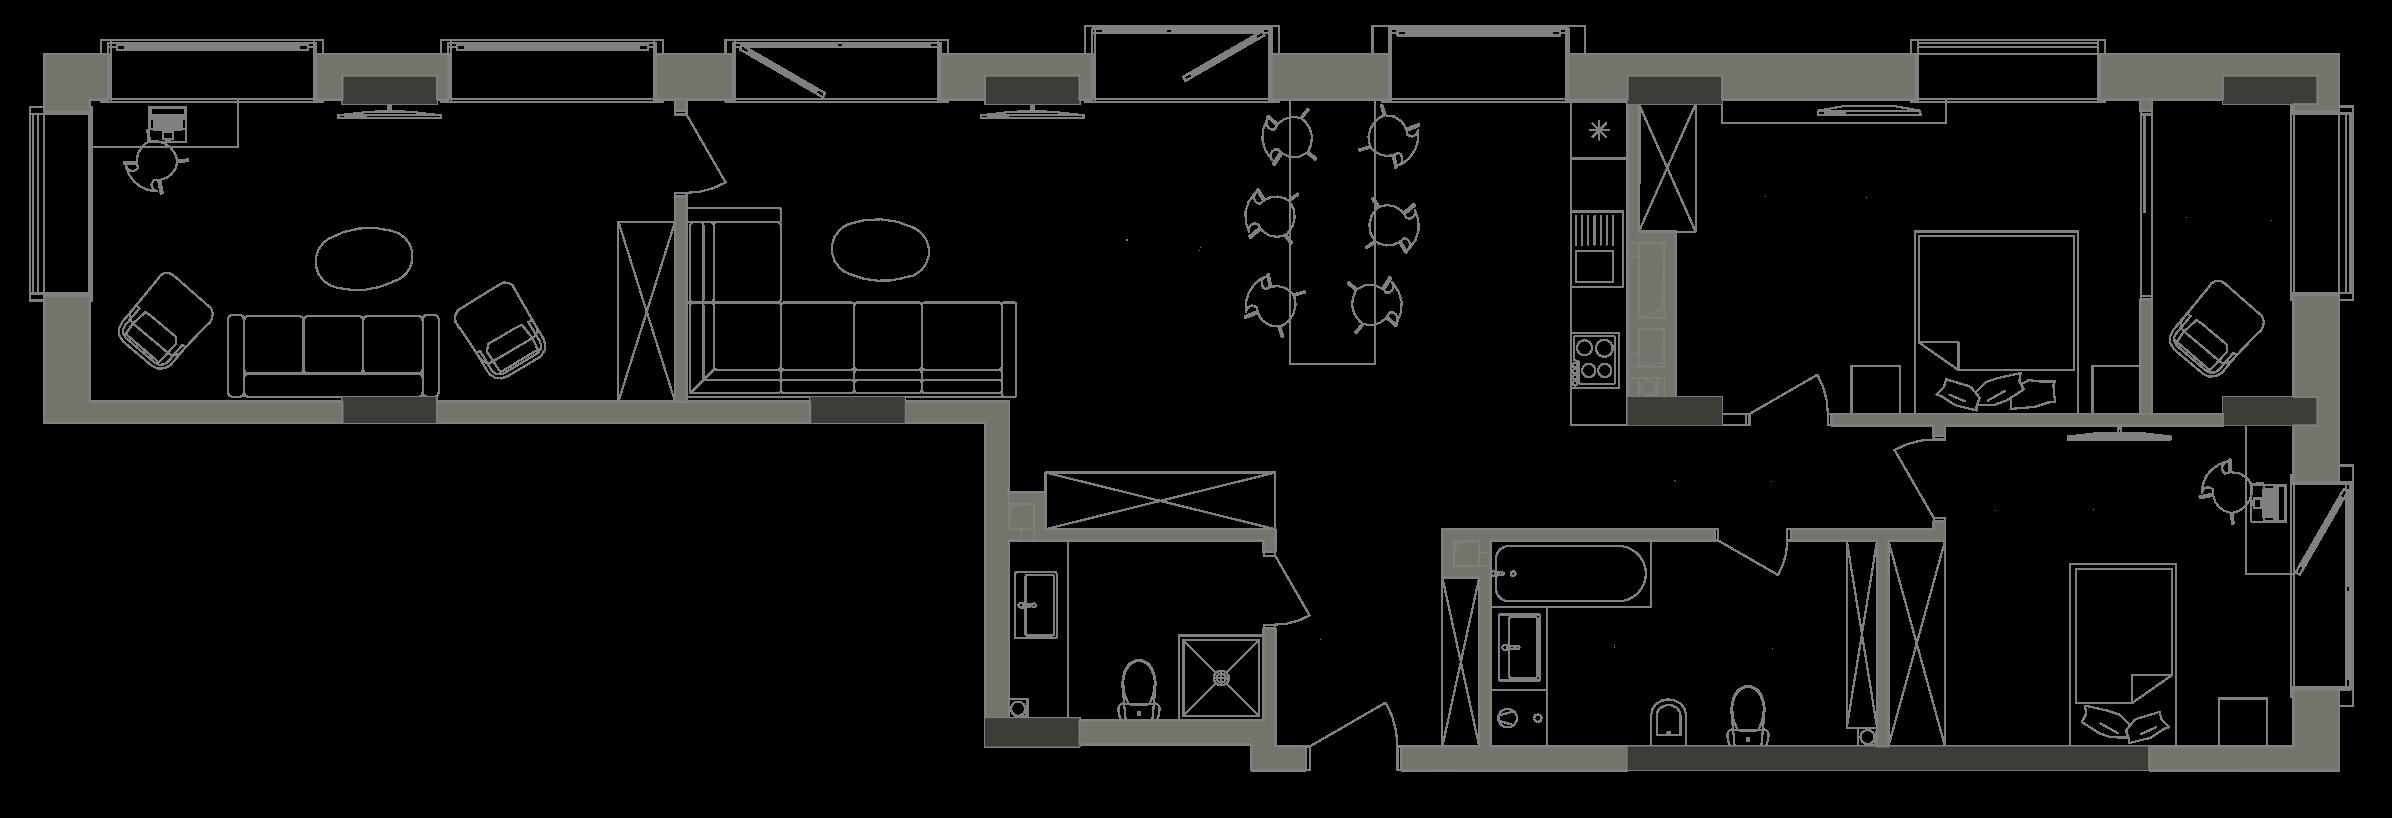 Квартира KV_23_3V_1_1_6